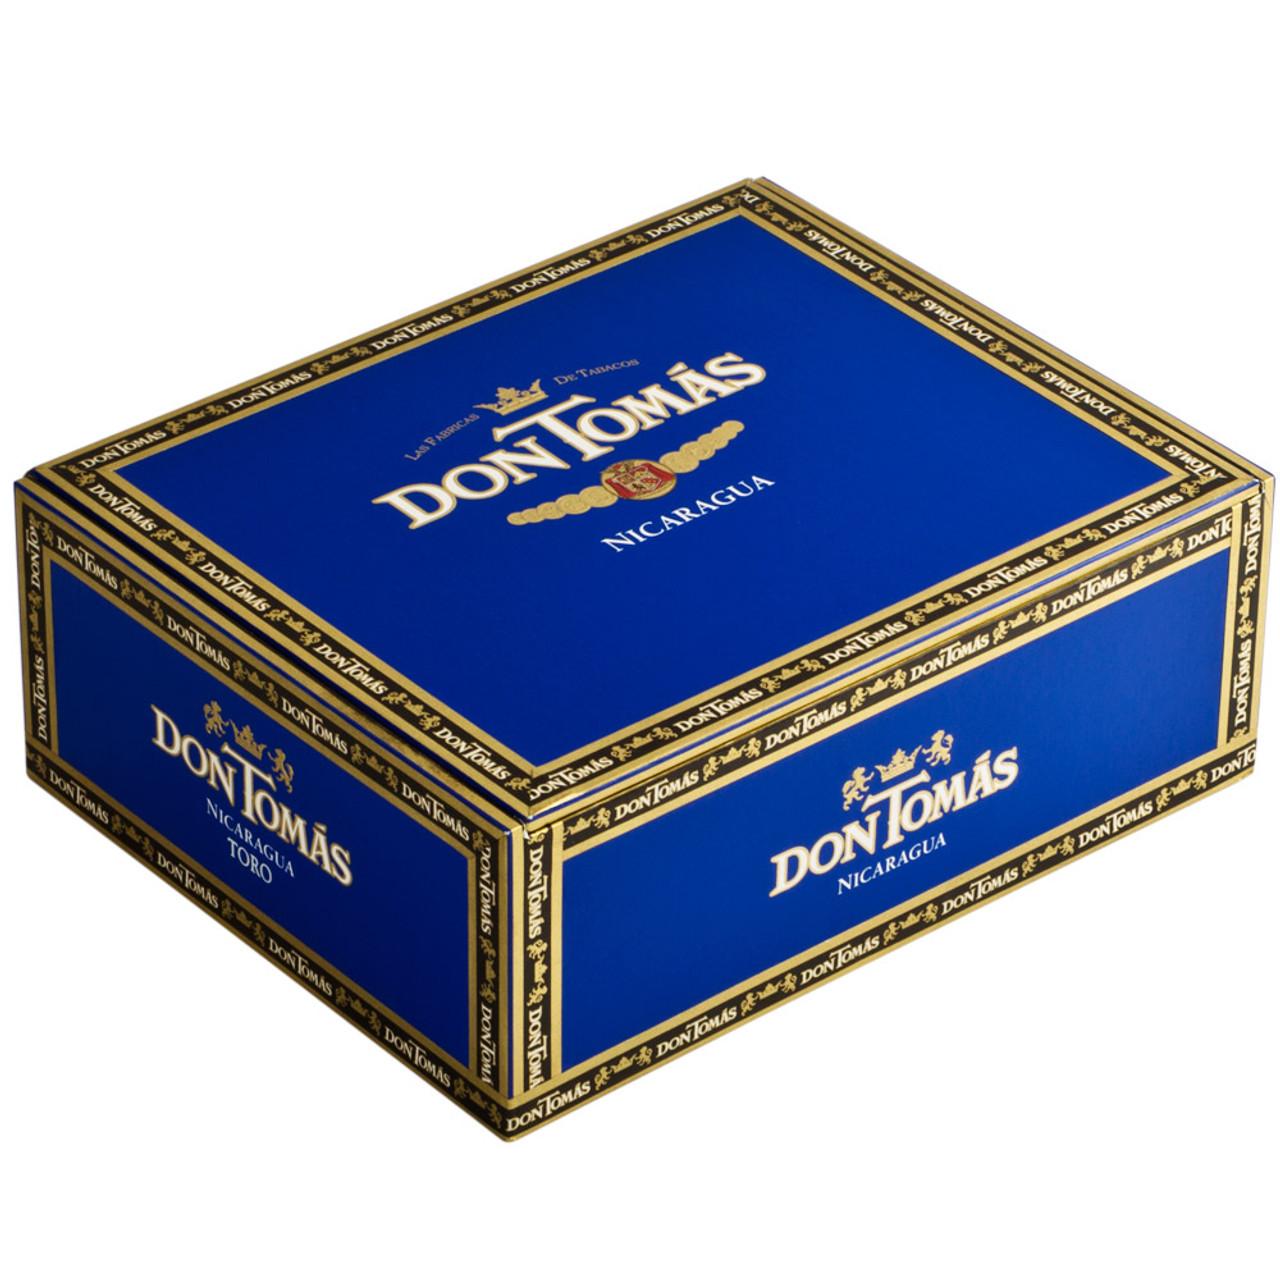 Don Tomas Nicaragua Rothschild Cigars - 4.5 x 50 (Box of 25)